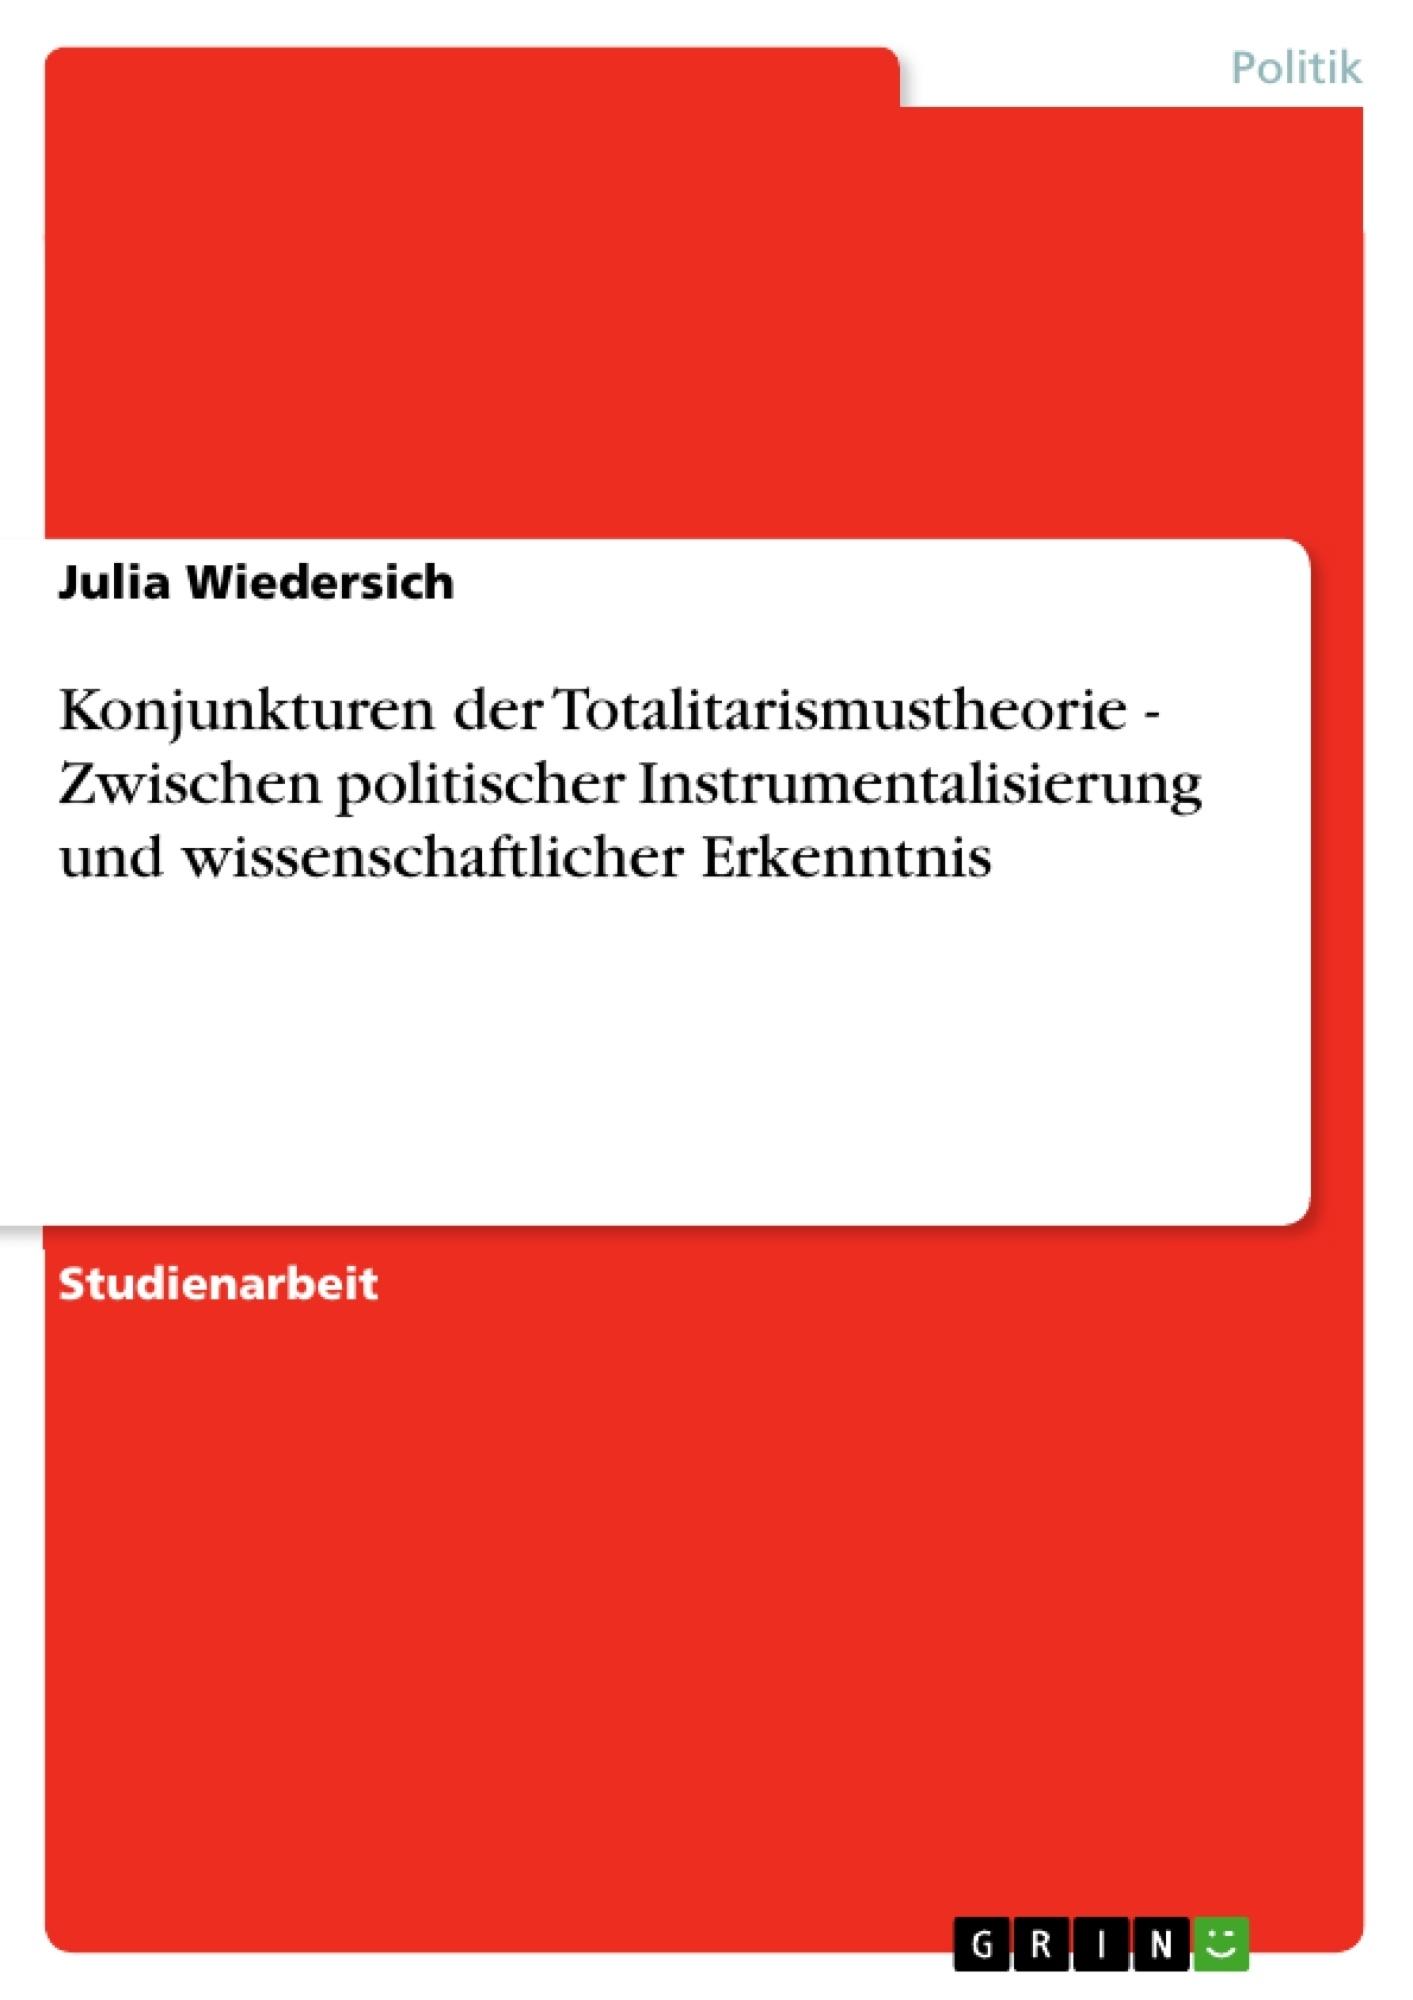 Titel: Konjunkturen der Totalitarismustheorie - Zwischen politischer Instrumentalisierung und wissenschaftlicher Erkenntnis